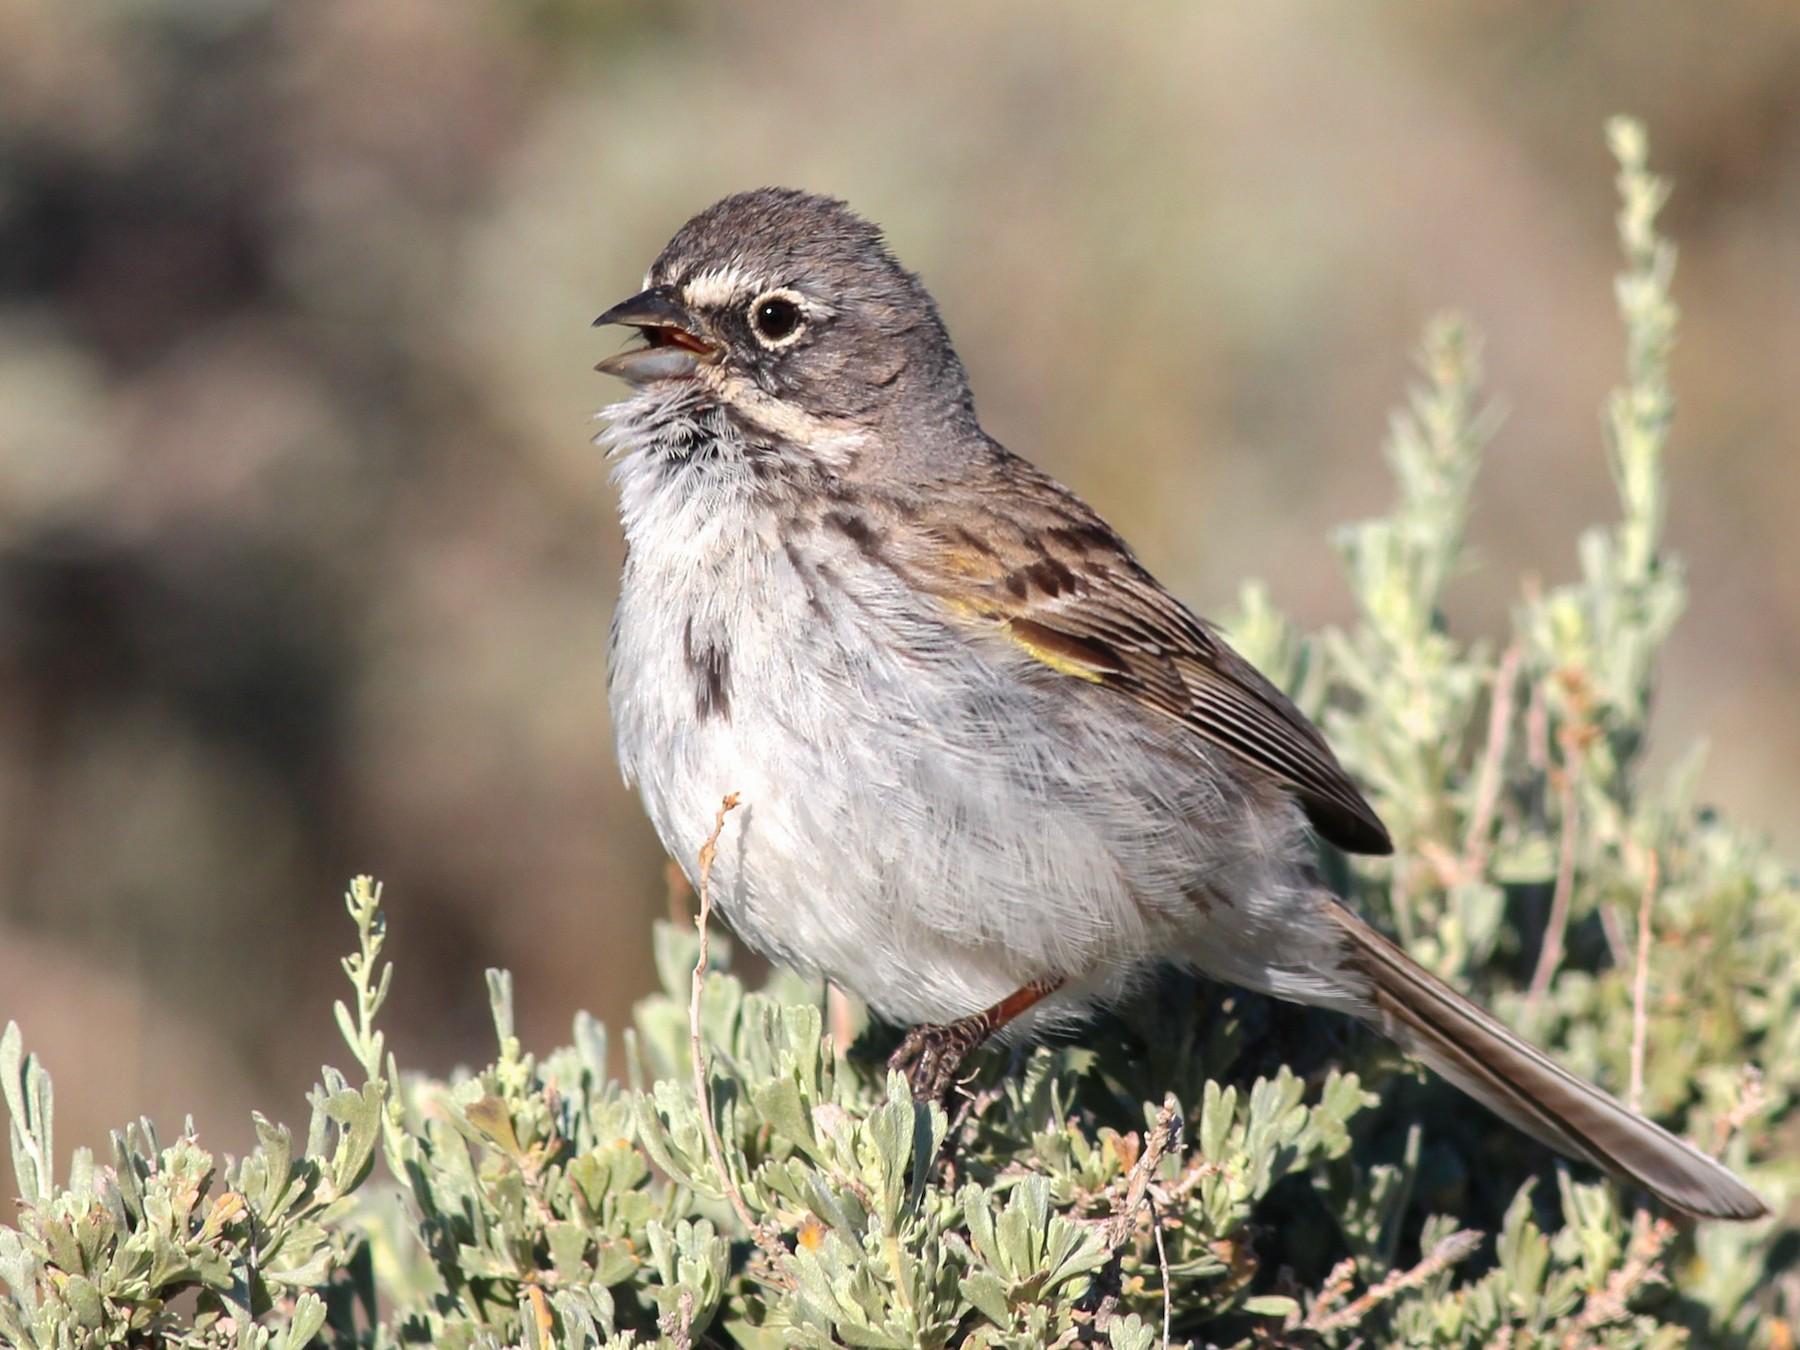 Sagebrush Sparrow - Shawn Billerman